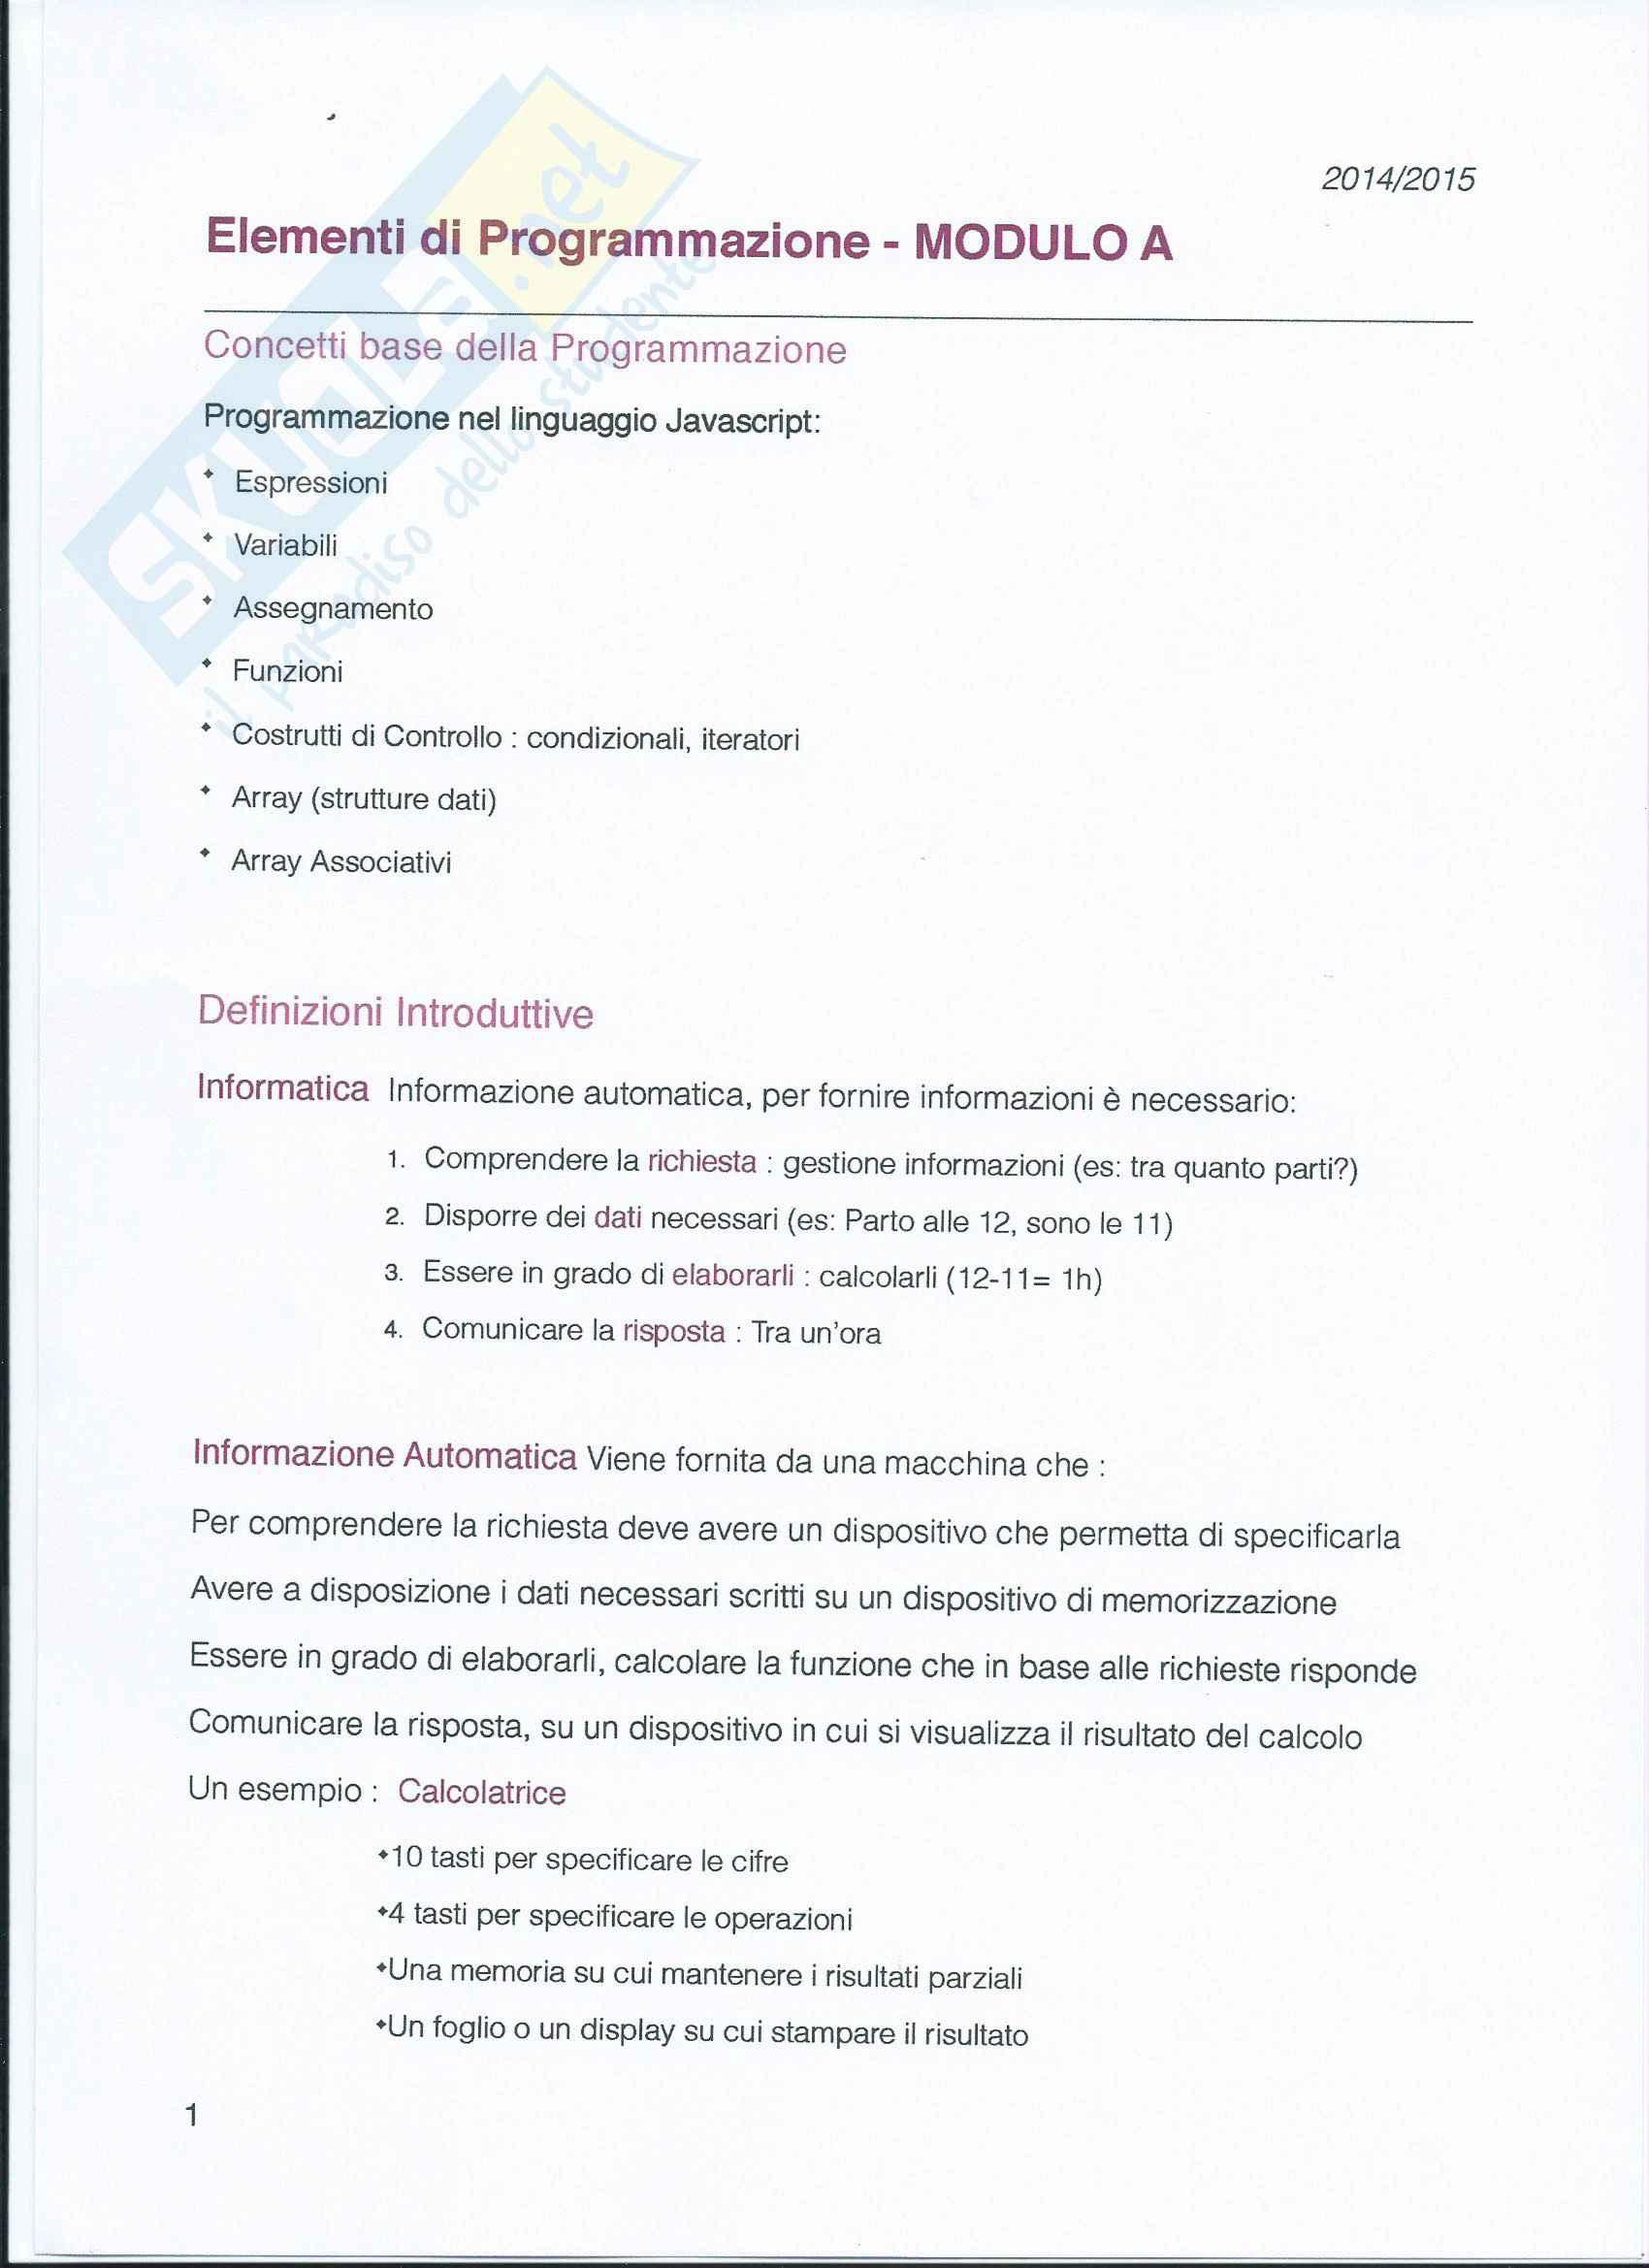 Fondamenti Teorici e Programmazione - Modulo A